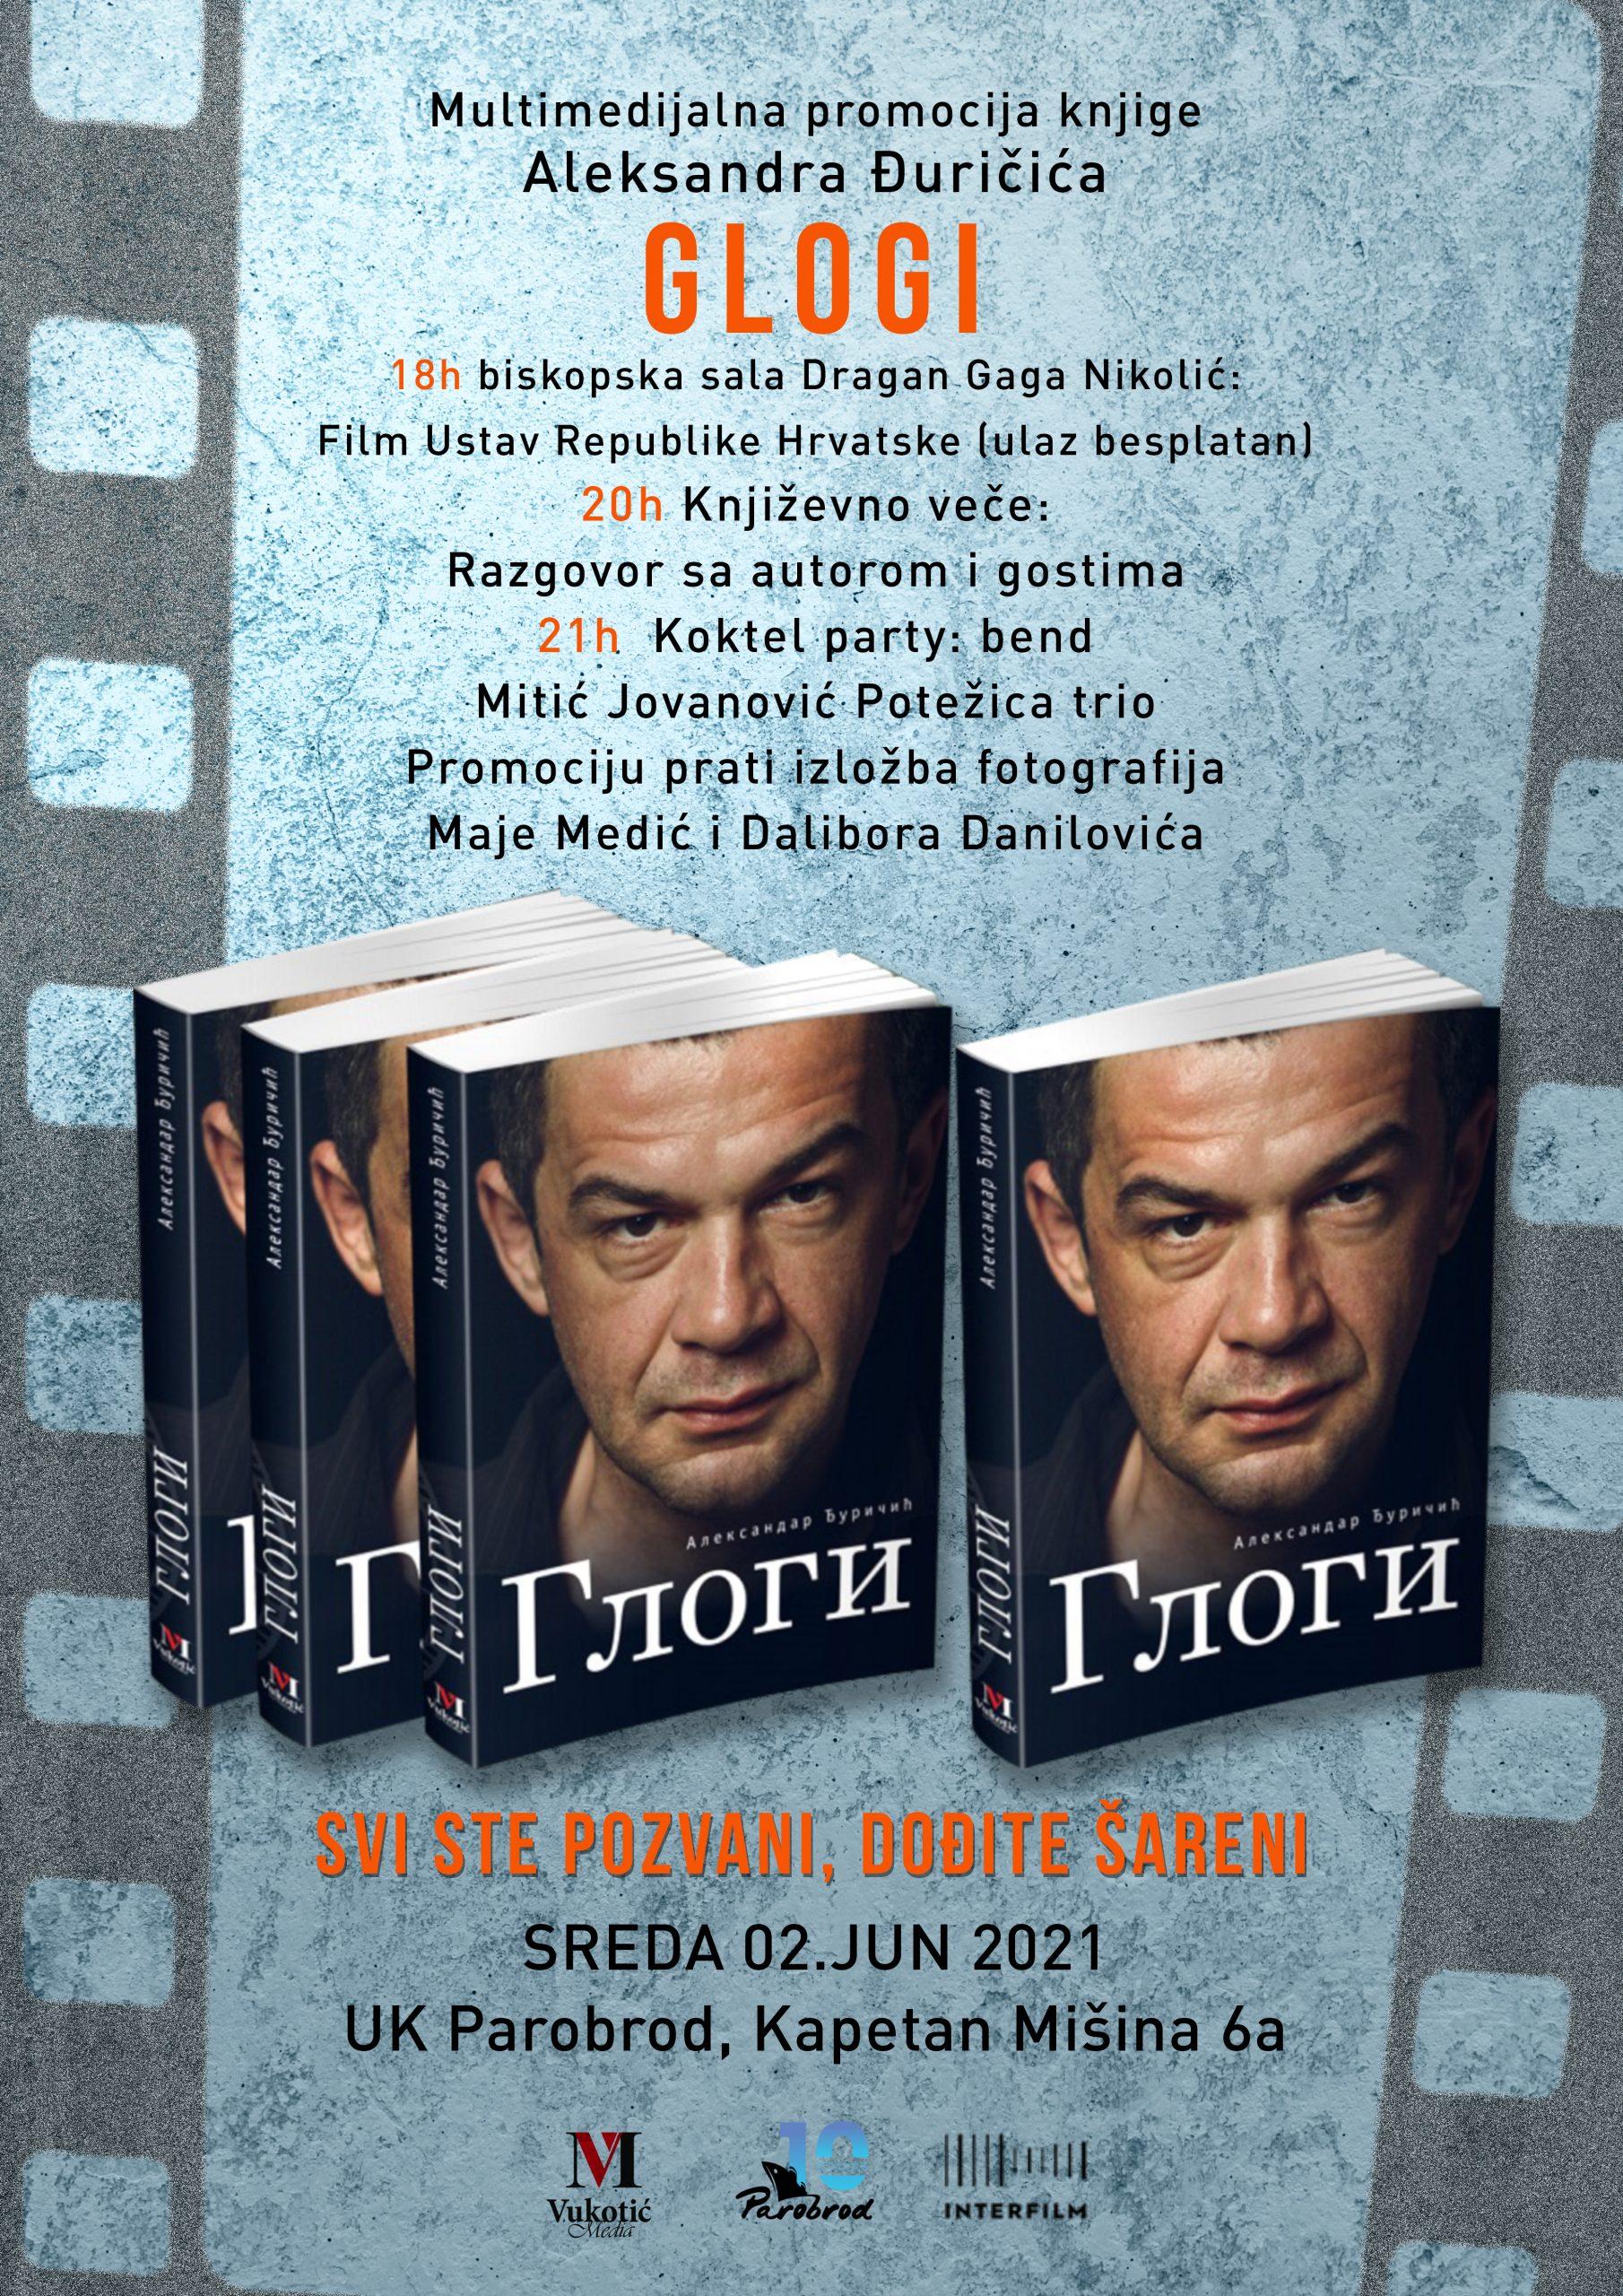 """Multimedijalna promocija knjige """"Glogi""""Aleksandra Đuričića"""